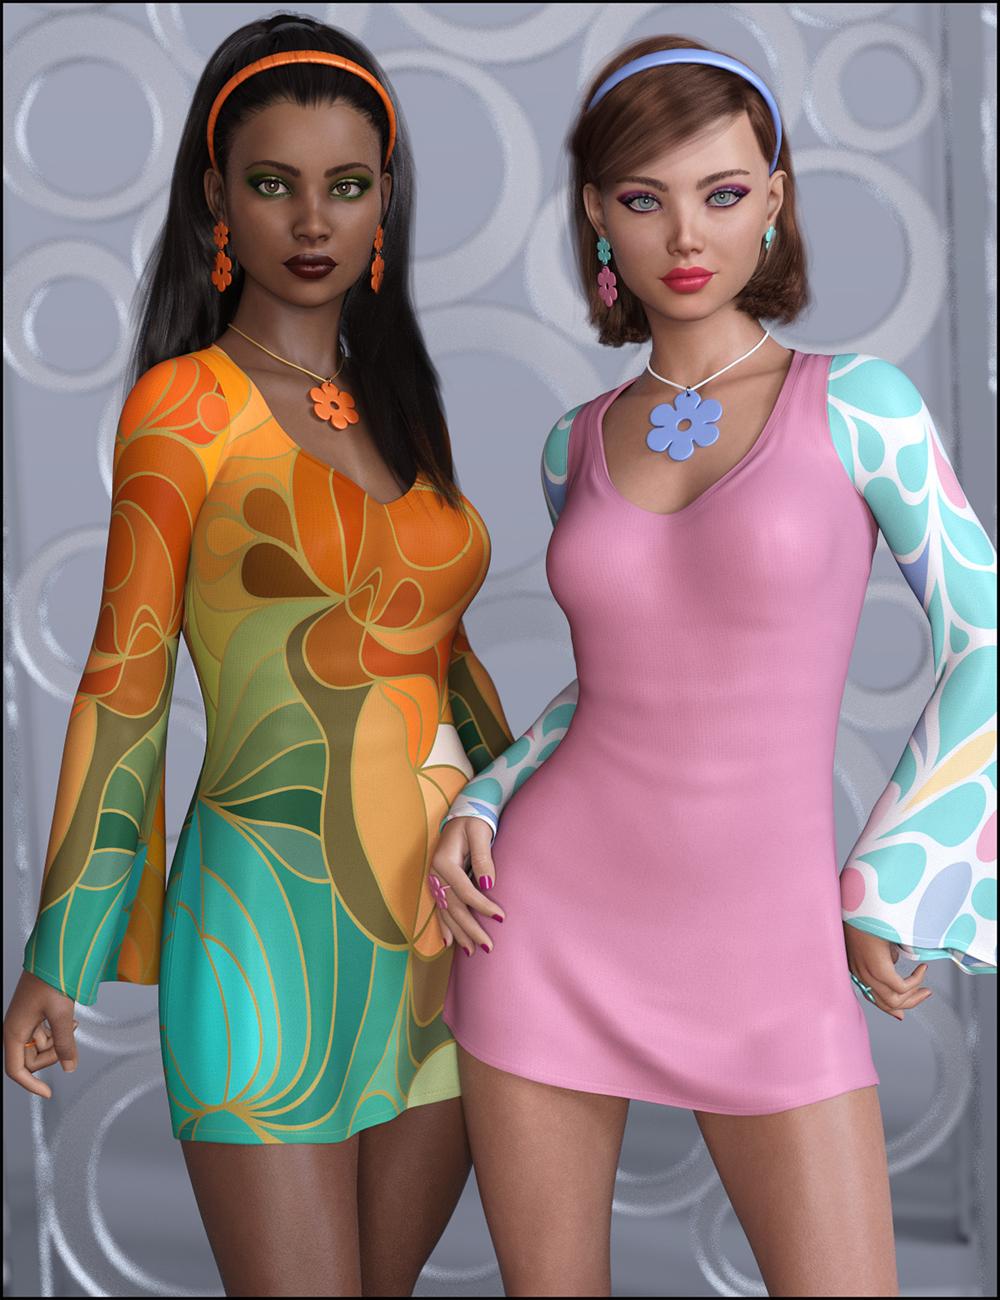 dForce Flower Power Outfit Groovy Textures by: JessaiiDemonicaEvilius, 3D Models by Daz 3D